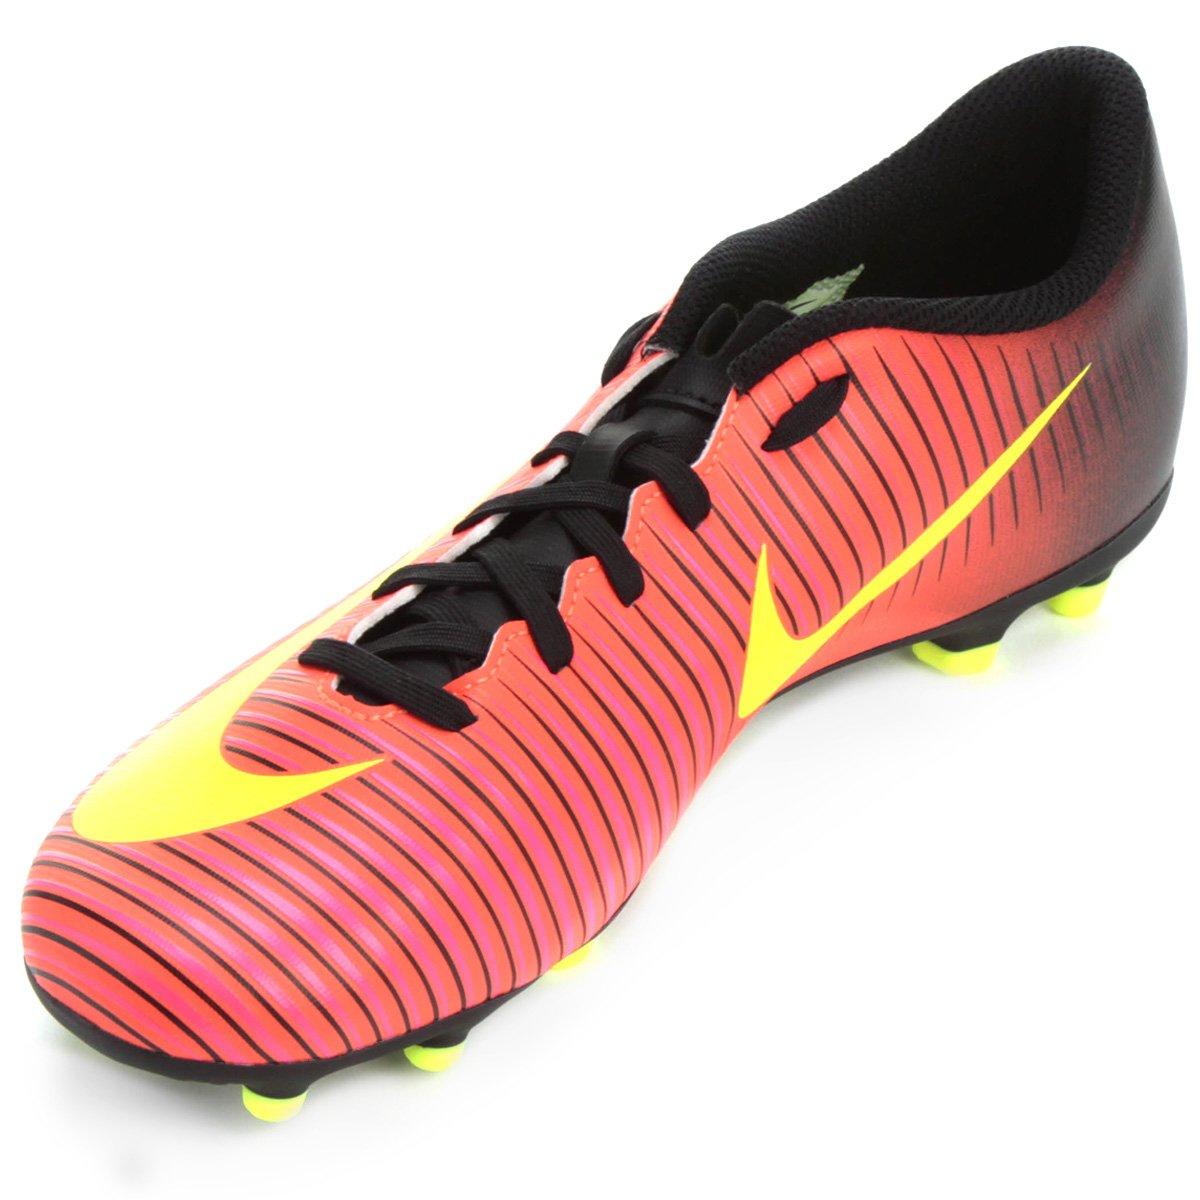 Chuteira Campo Nike Mercurial Vortex 3 FG - Laranja - Compre Agora ... 3efd534b96b14